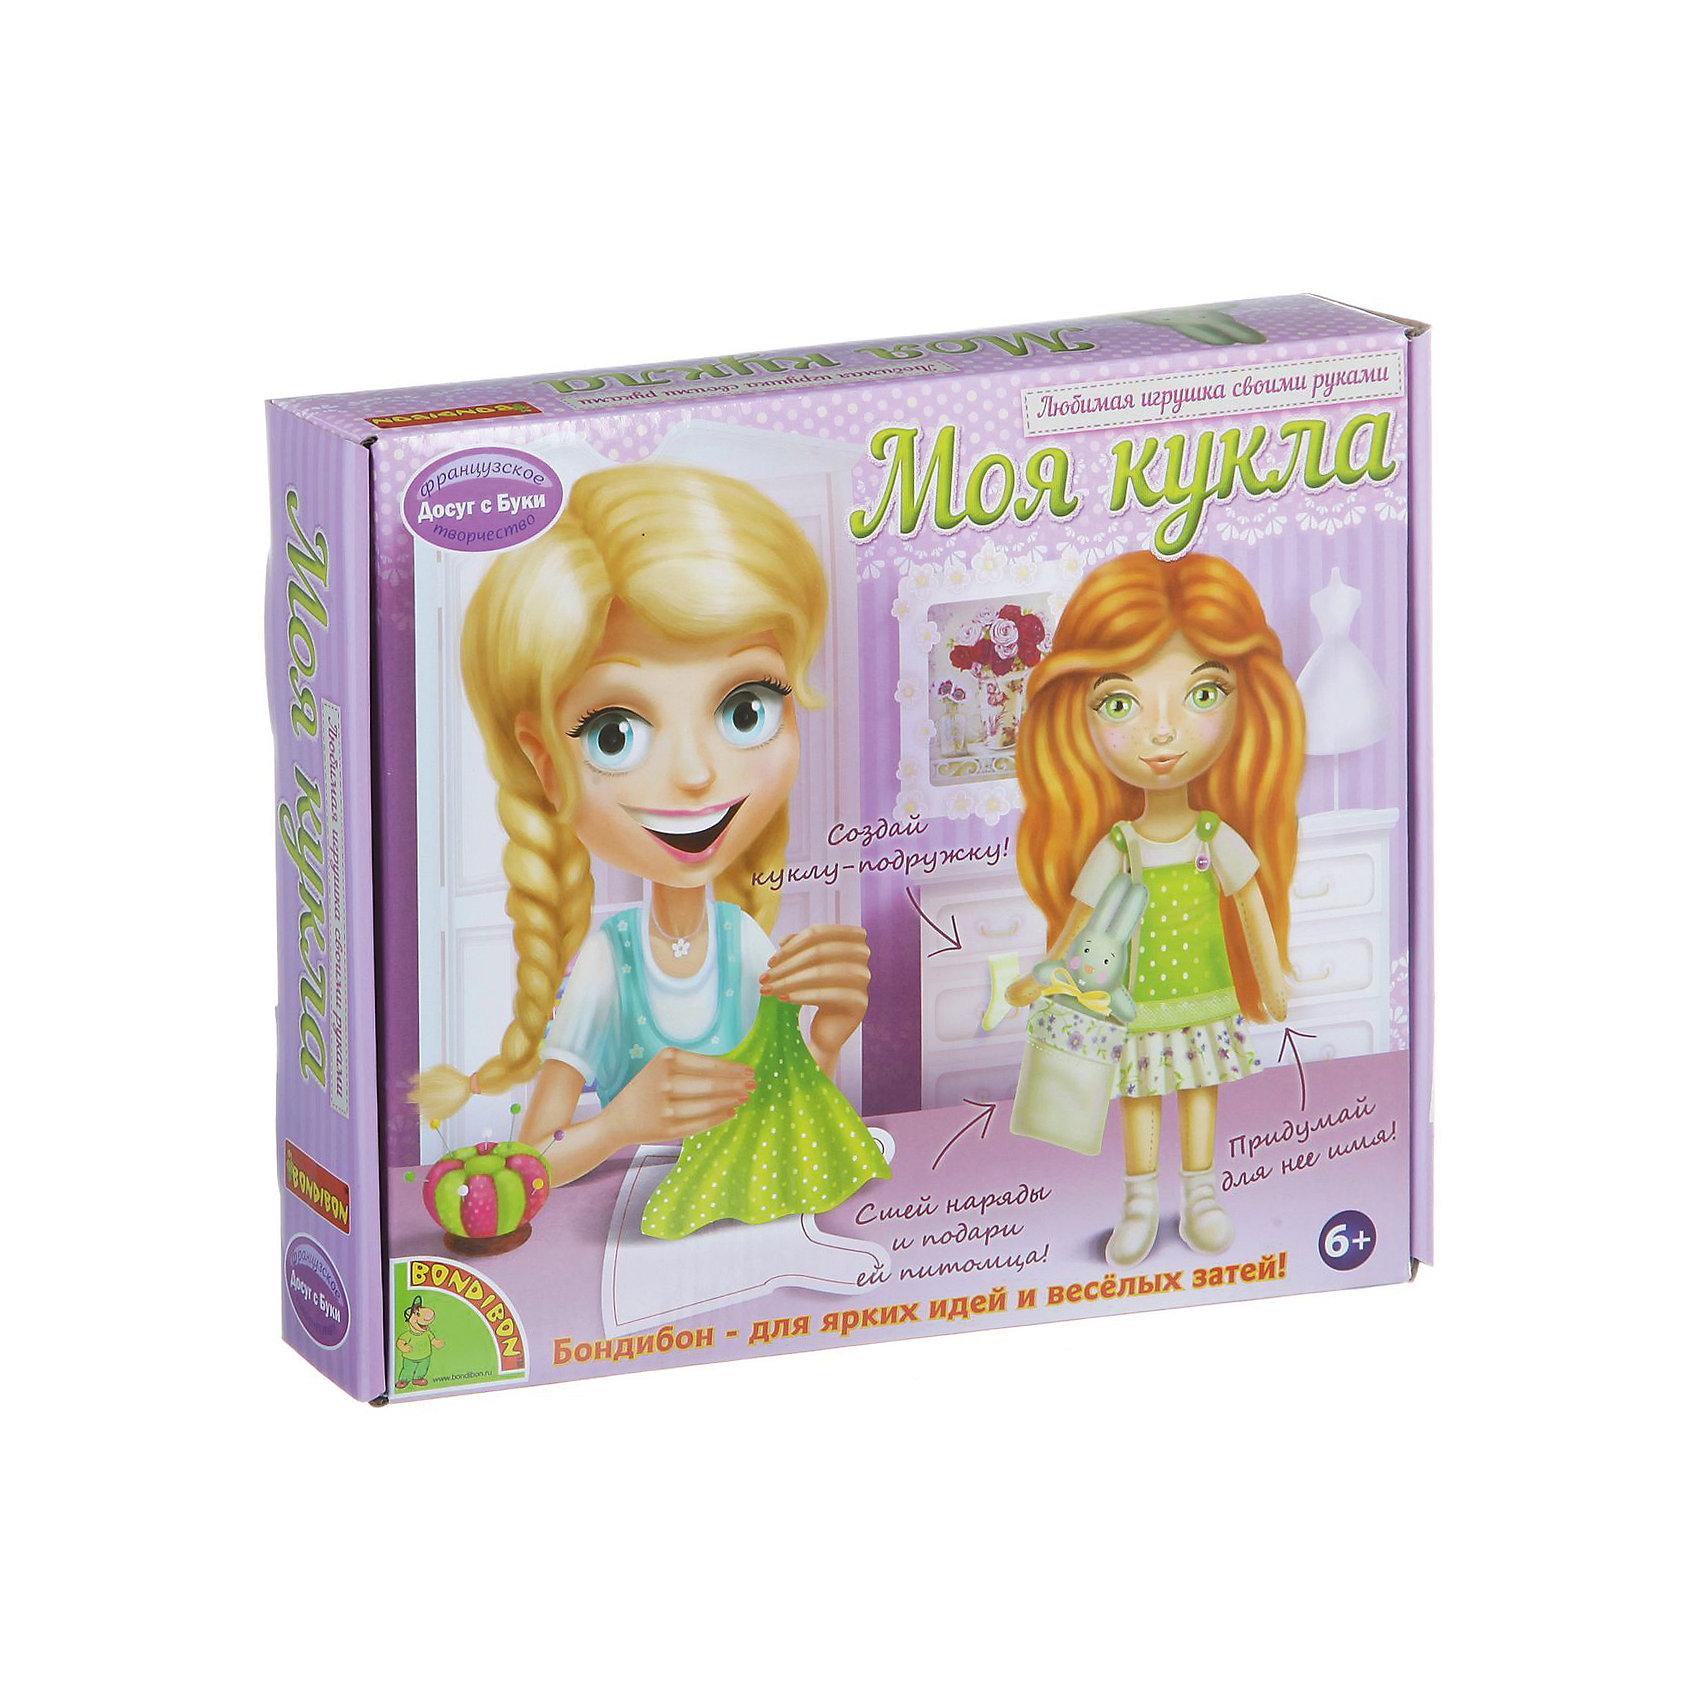 Любимая игрушка своими руками Кукла с золотыми волосамиС помощью этого замечательного набора ребенок сможет сделать очаровательную куколку и сшить наряды к ней. Куколка с пышными рыжими волосами и множеством нарядов не оставит равнодушной ни одну девочку!  Шитьё - увлекательно и полезное занятие, которое поможет развить моторику рук, мышление, внимание, усидчивость, умение работать по инструкции, и, конечно, подарит множество положительных эмоций! Игрушки, сделанные своими руками, самые любимые и желанные, а навыки шитья, полученные в процессе изготовления куколки, пригодятся в будущем любой хорошей хозяйке.  <br><br>Дополнительная информация:<br><br>- Материал: текстиль. <br>- Размер: 27х6х27 см.<br>- Комплектация: выкройки куклы, одежды и аксессуаров, инструкция.<br><br>Набор Любимая игрушка своими руками. Кукла с золотыми волосами можно купить в нашем магазине.<br><br>Ширина мм: 26<br>Глубина мм: 5<br>Высота мм: 22<br>Вес г: 321<br>Возраст от месяцев: 72<br>Возраст до месяцев: 144<br>Пол: Женский<br>Возраст: Детский<br>SKU: 4993193